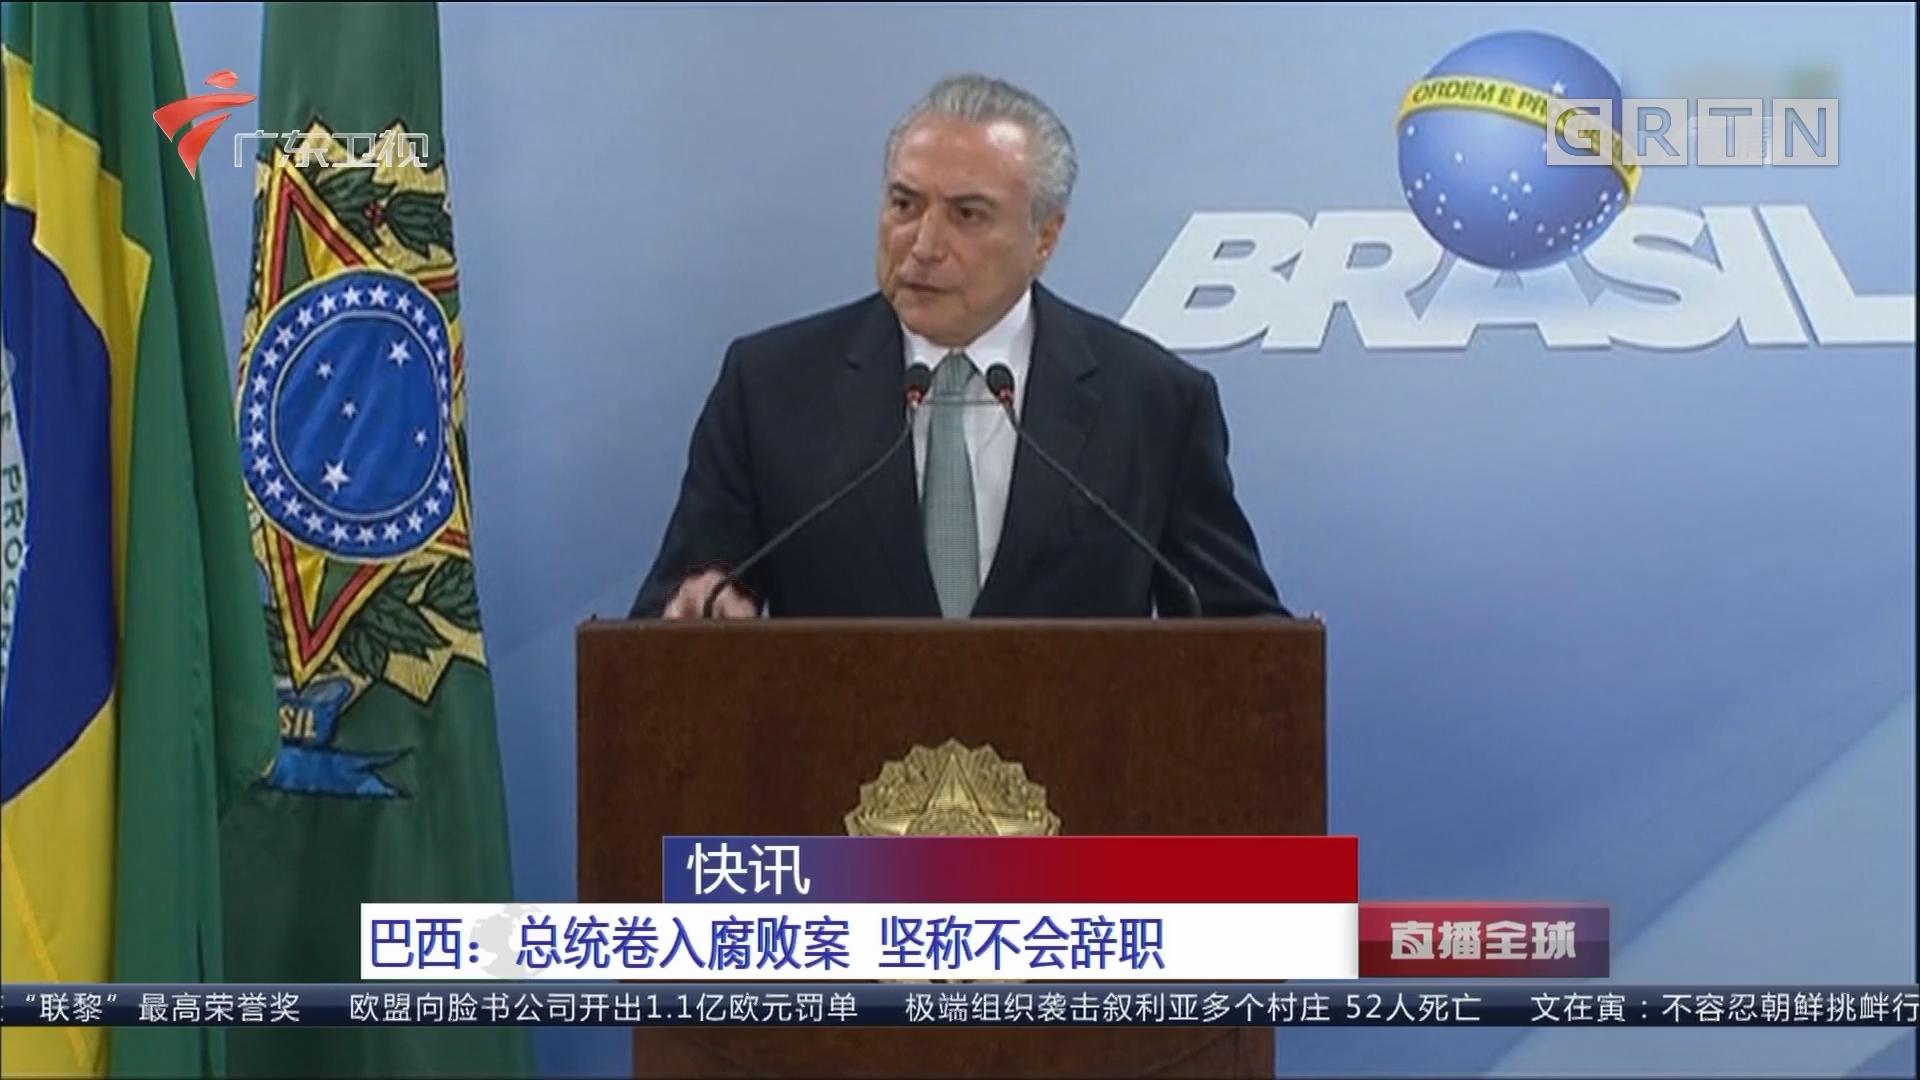 快讯 巴西:总统卷入腐败案 坚称不会辞职